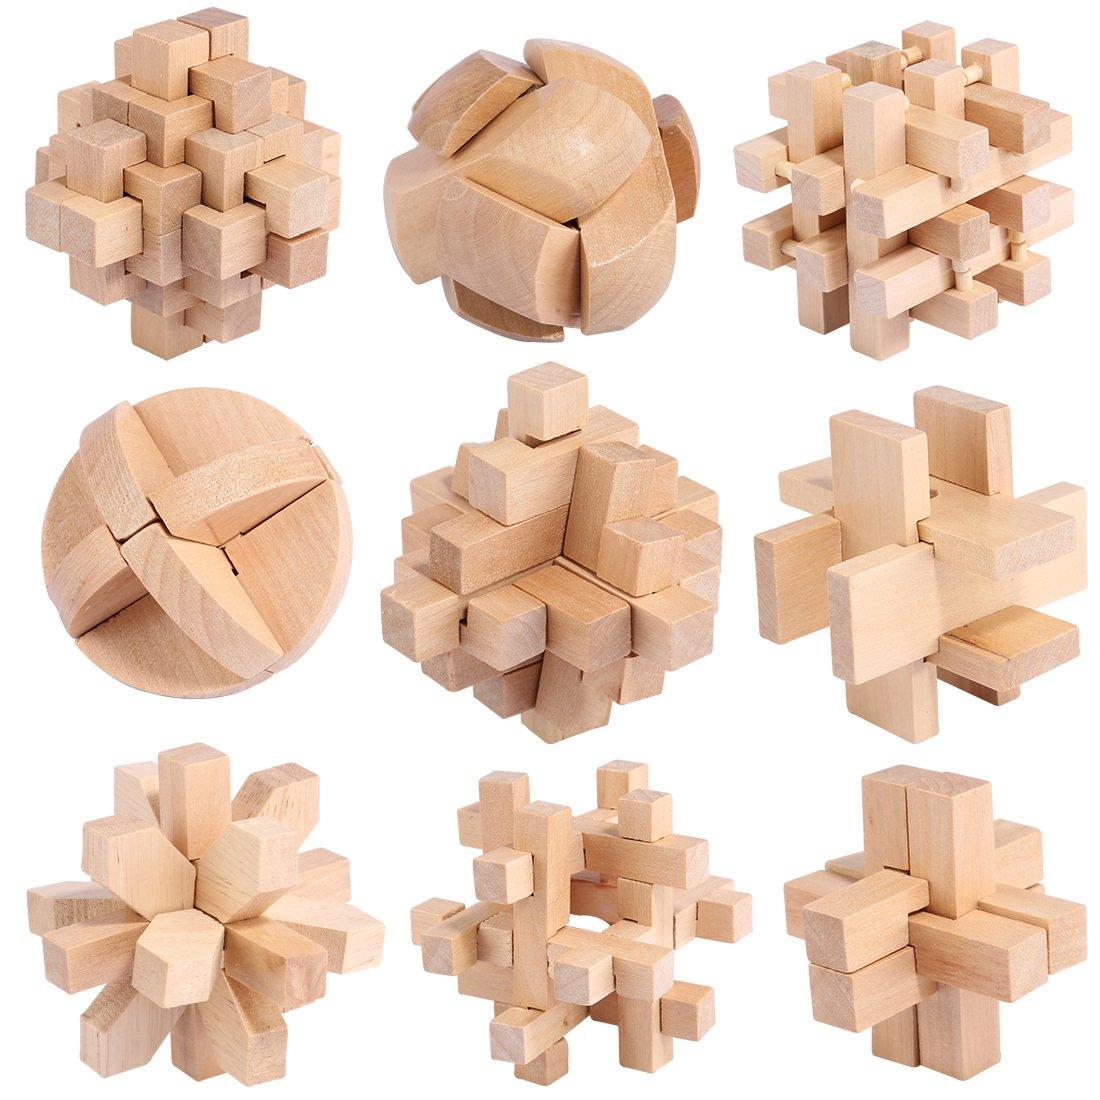 3D-Puzzles, Likeluk IQ Puzzle 3D Holzpuzzle Geduldspiel aus Holz mit 9 unterschiedlich schwierigen Knobelspielen